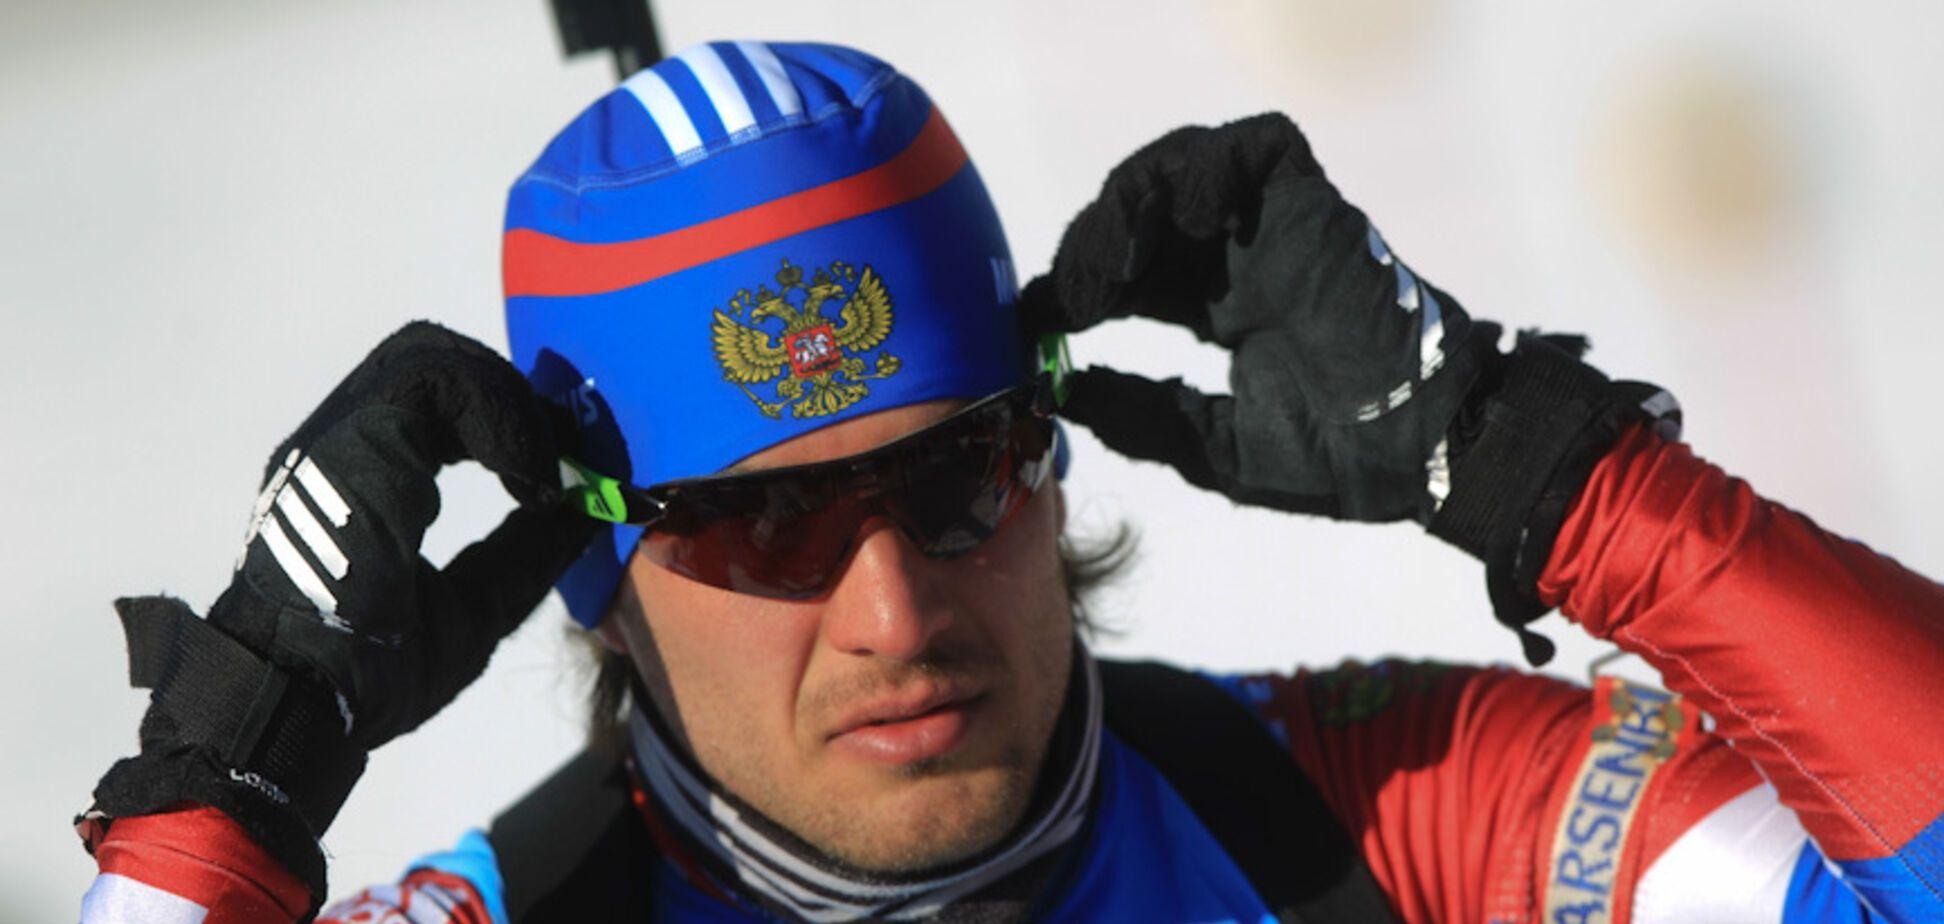 Біатлоніст збірної Росії зганьбився на ЧС, по-дурному позбавивши себе медалі